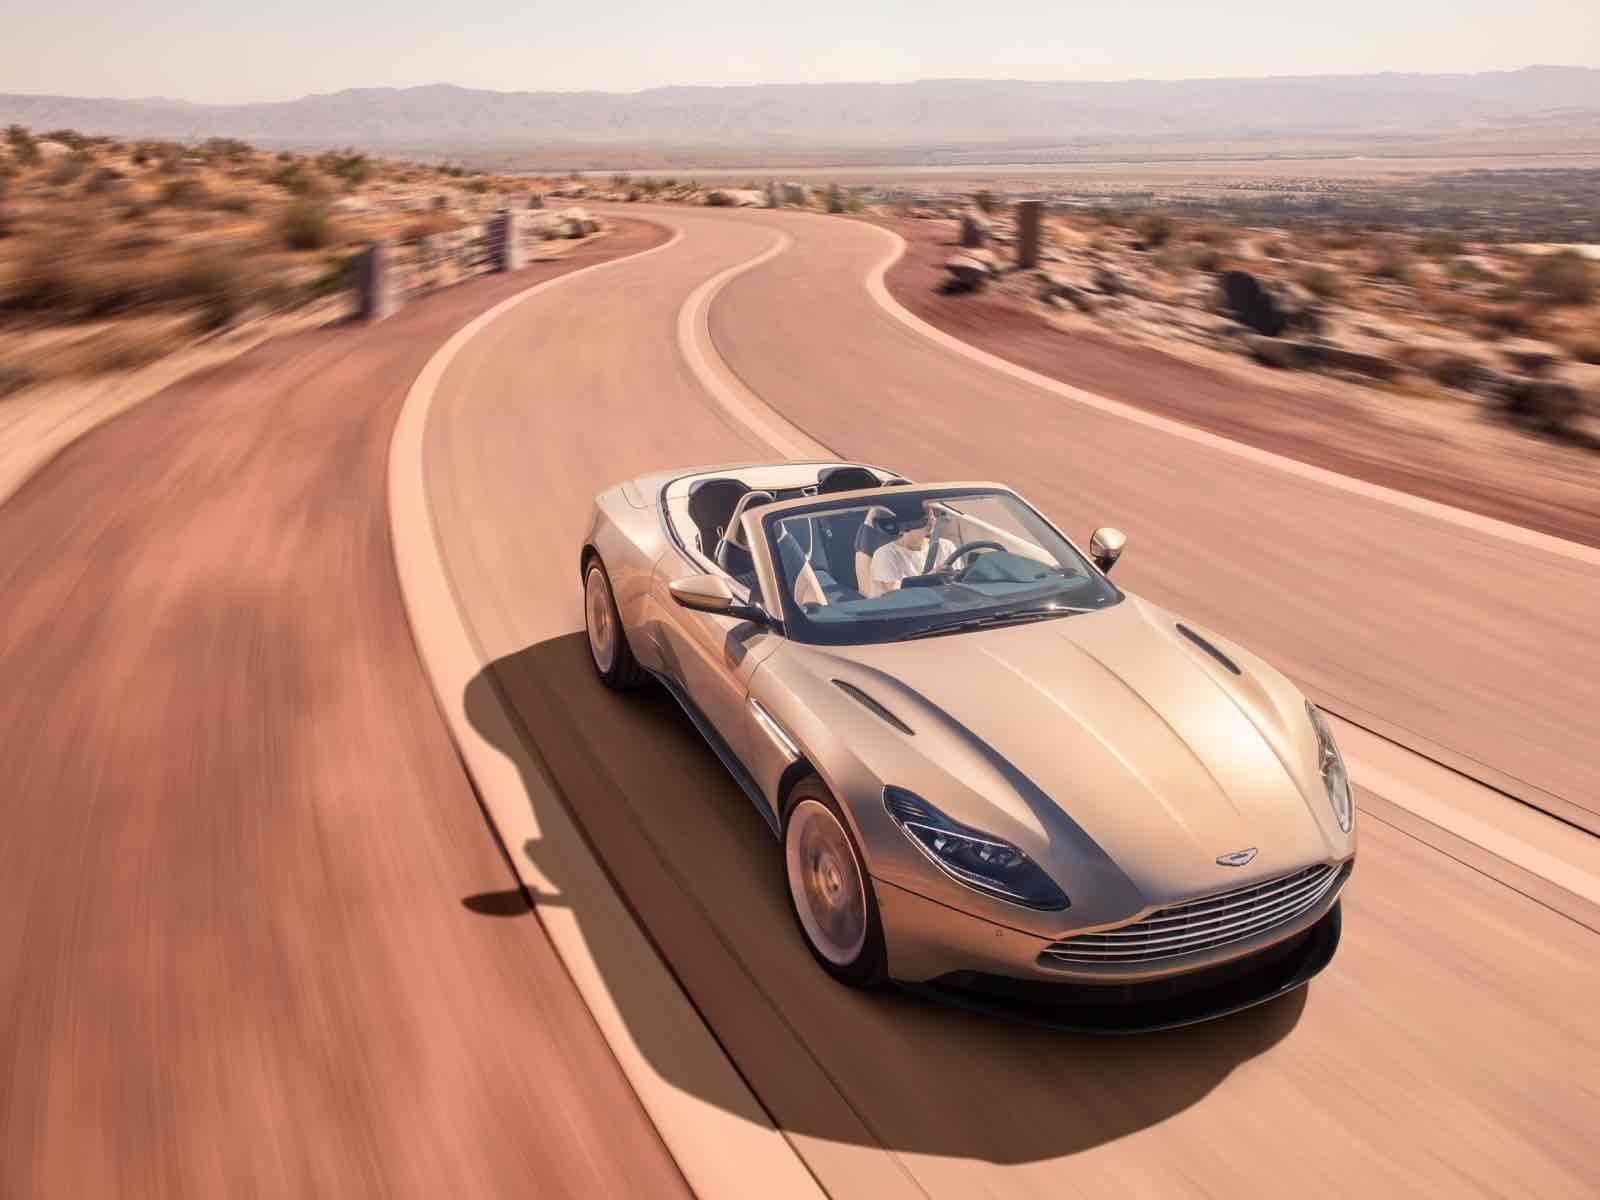 Aston Martin DB11 Volante, un convertible con más de 500 hp